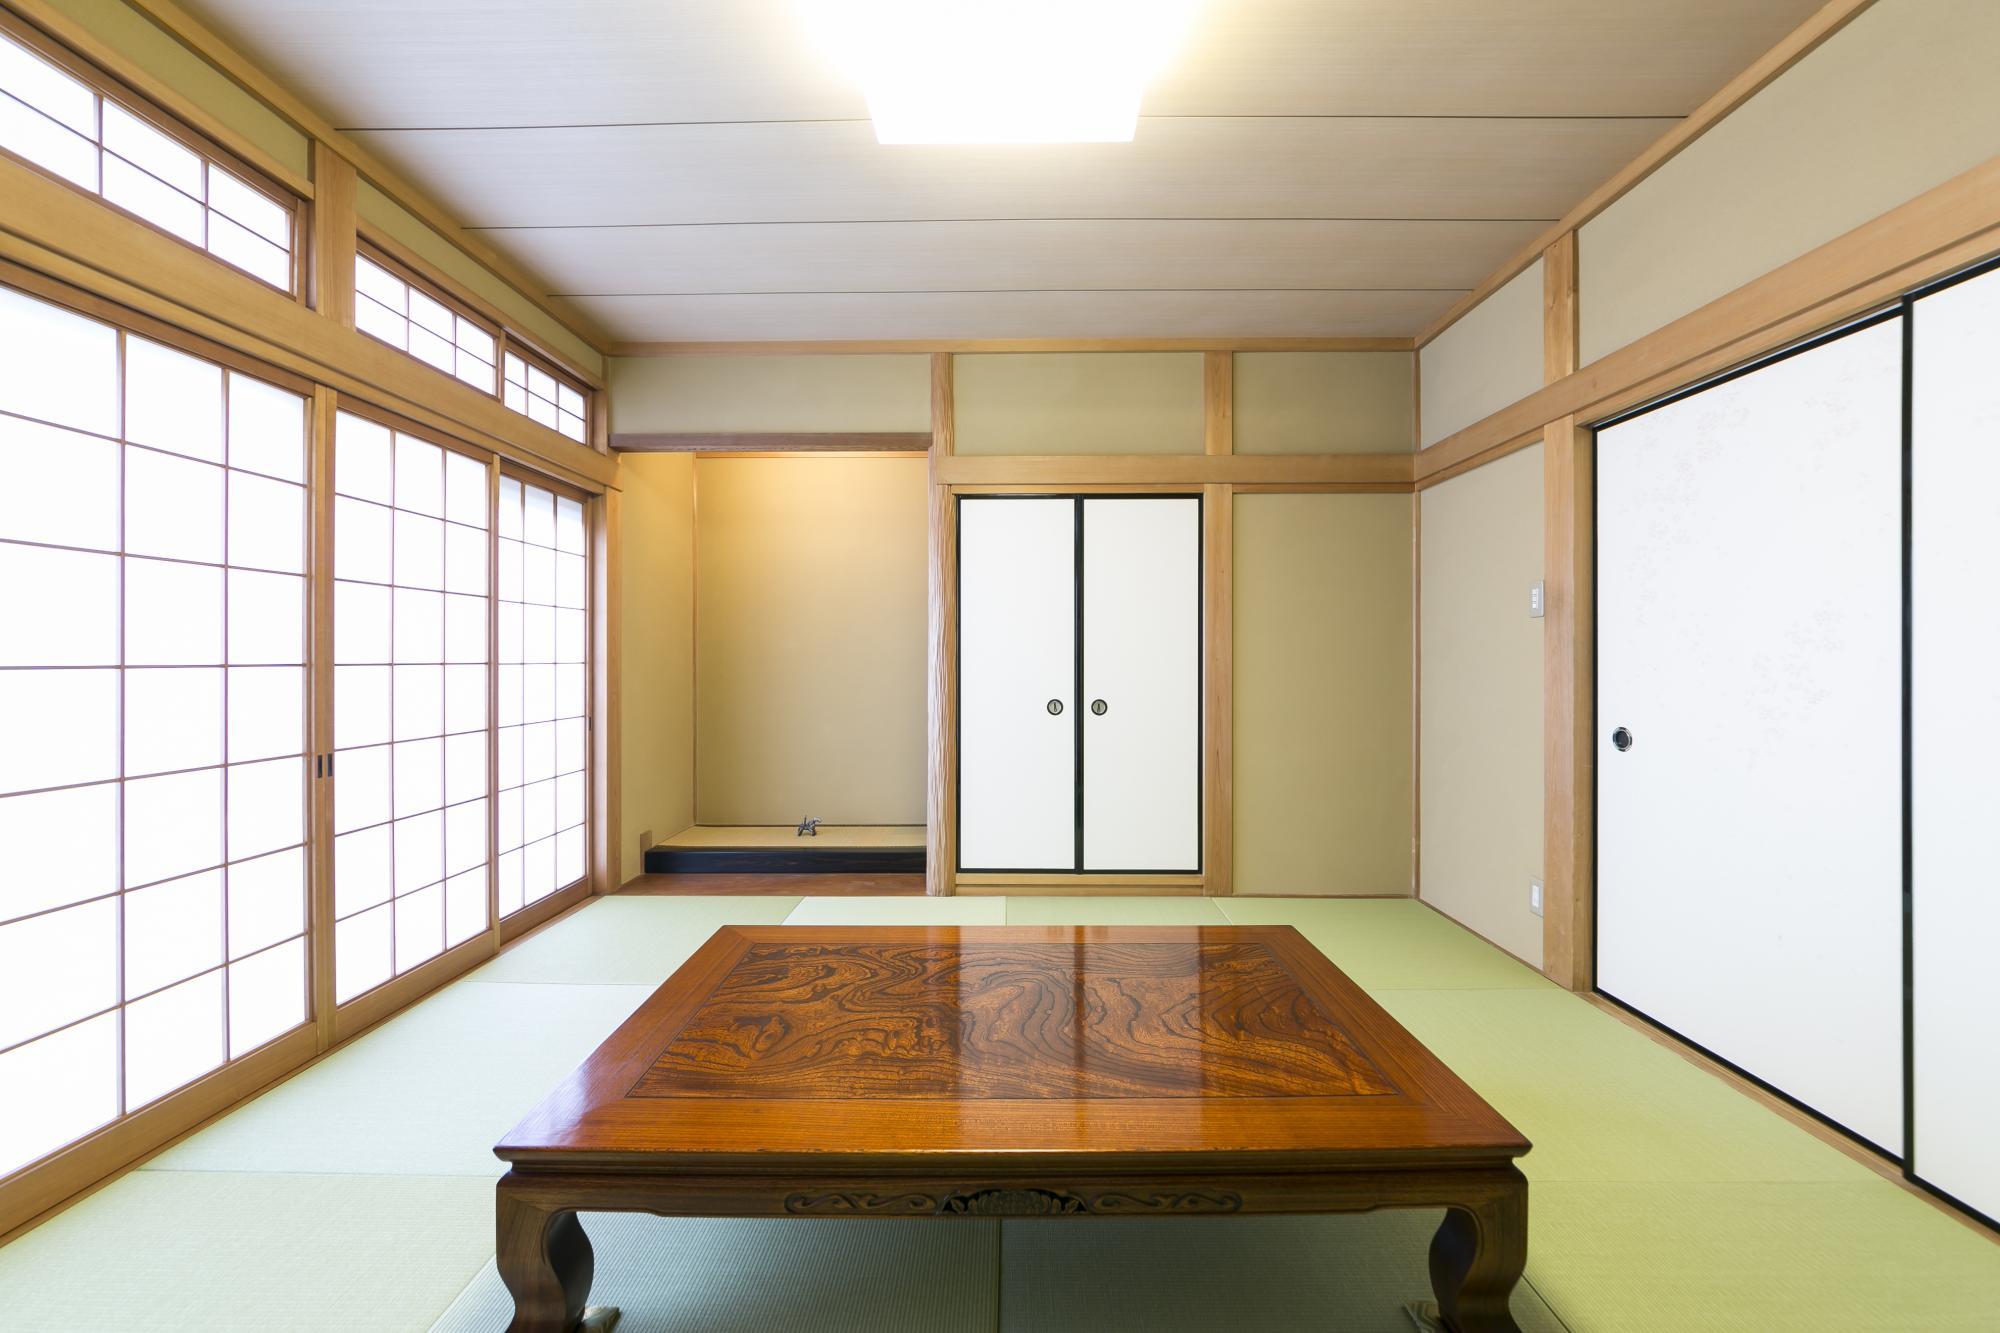 残した8帖の和室。スギの絞り丸太が使われた床の間は、既存のまま。壁はすべて塗り替え、畳や襖も新しくした。